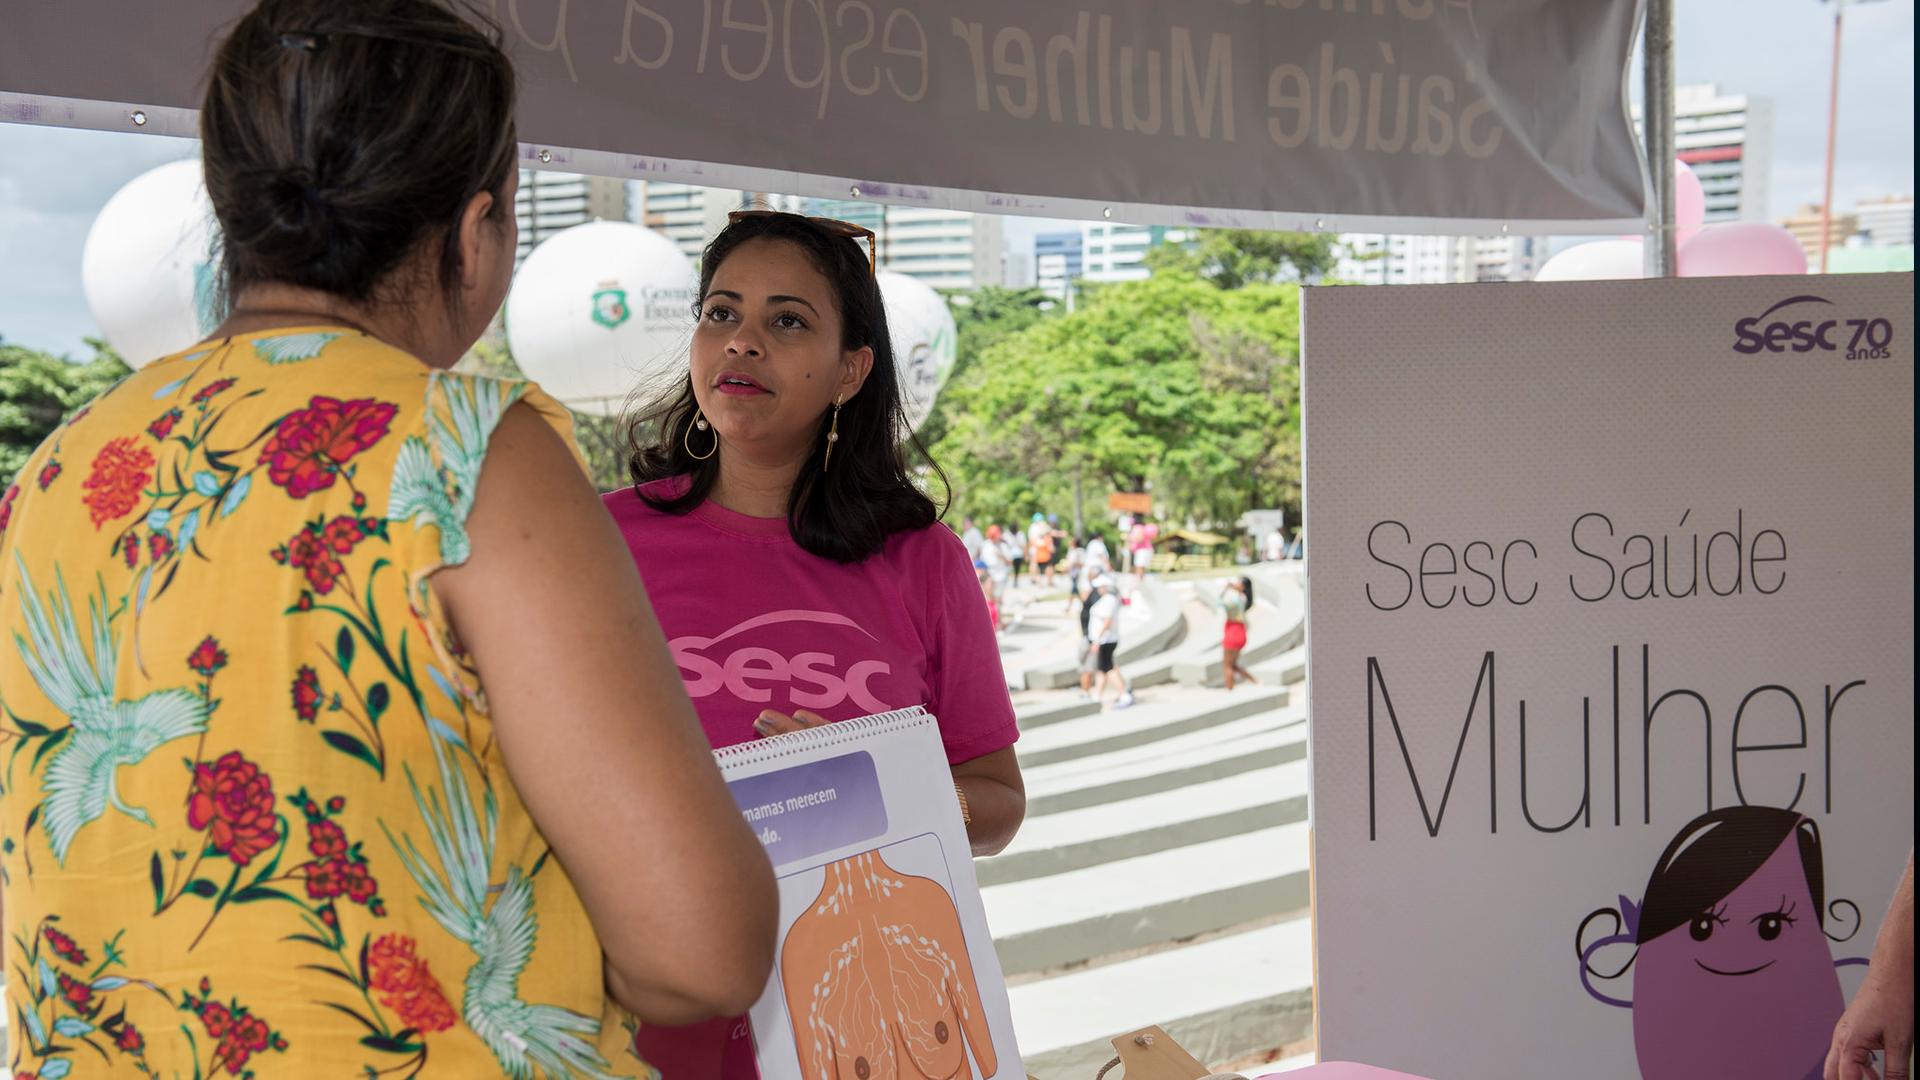 No Dia Mundial do Câncer, Sesc orienta sobre prevenção e diagnóstico precoce